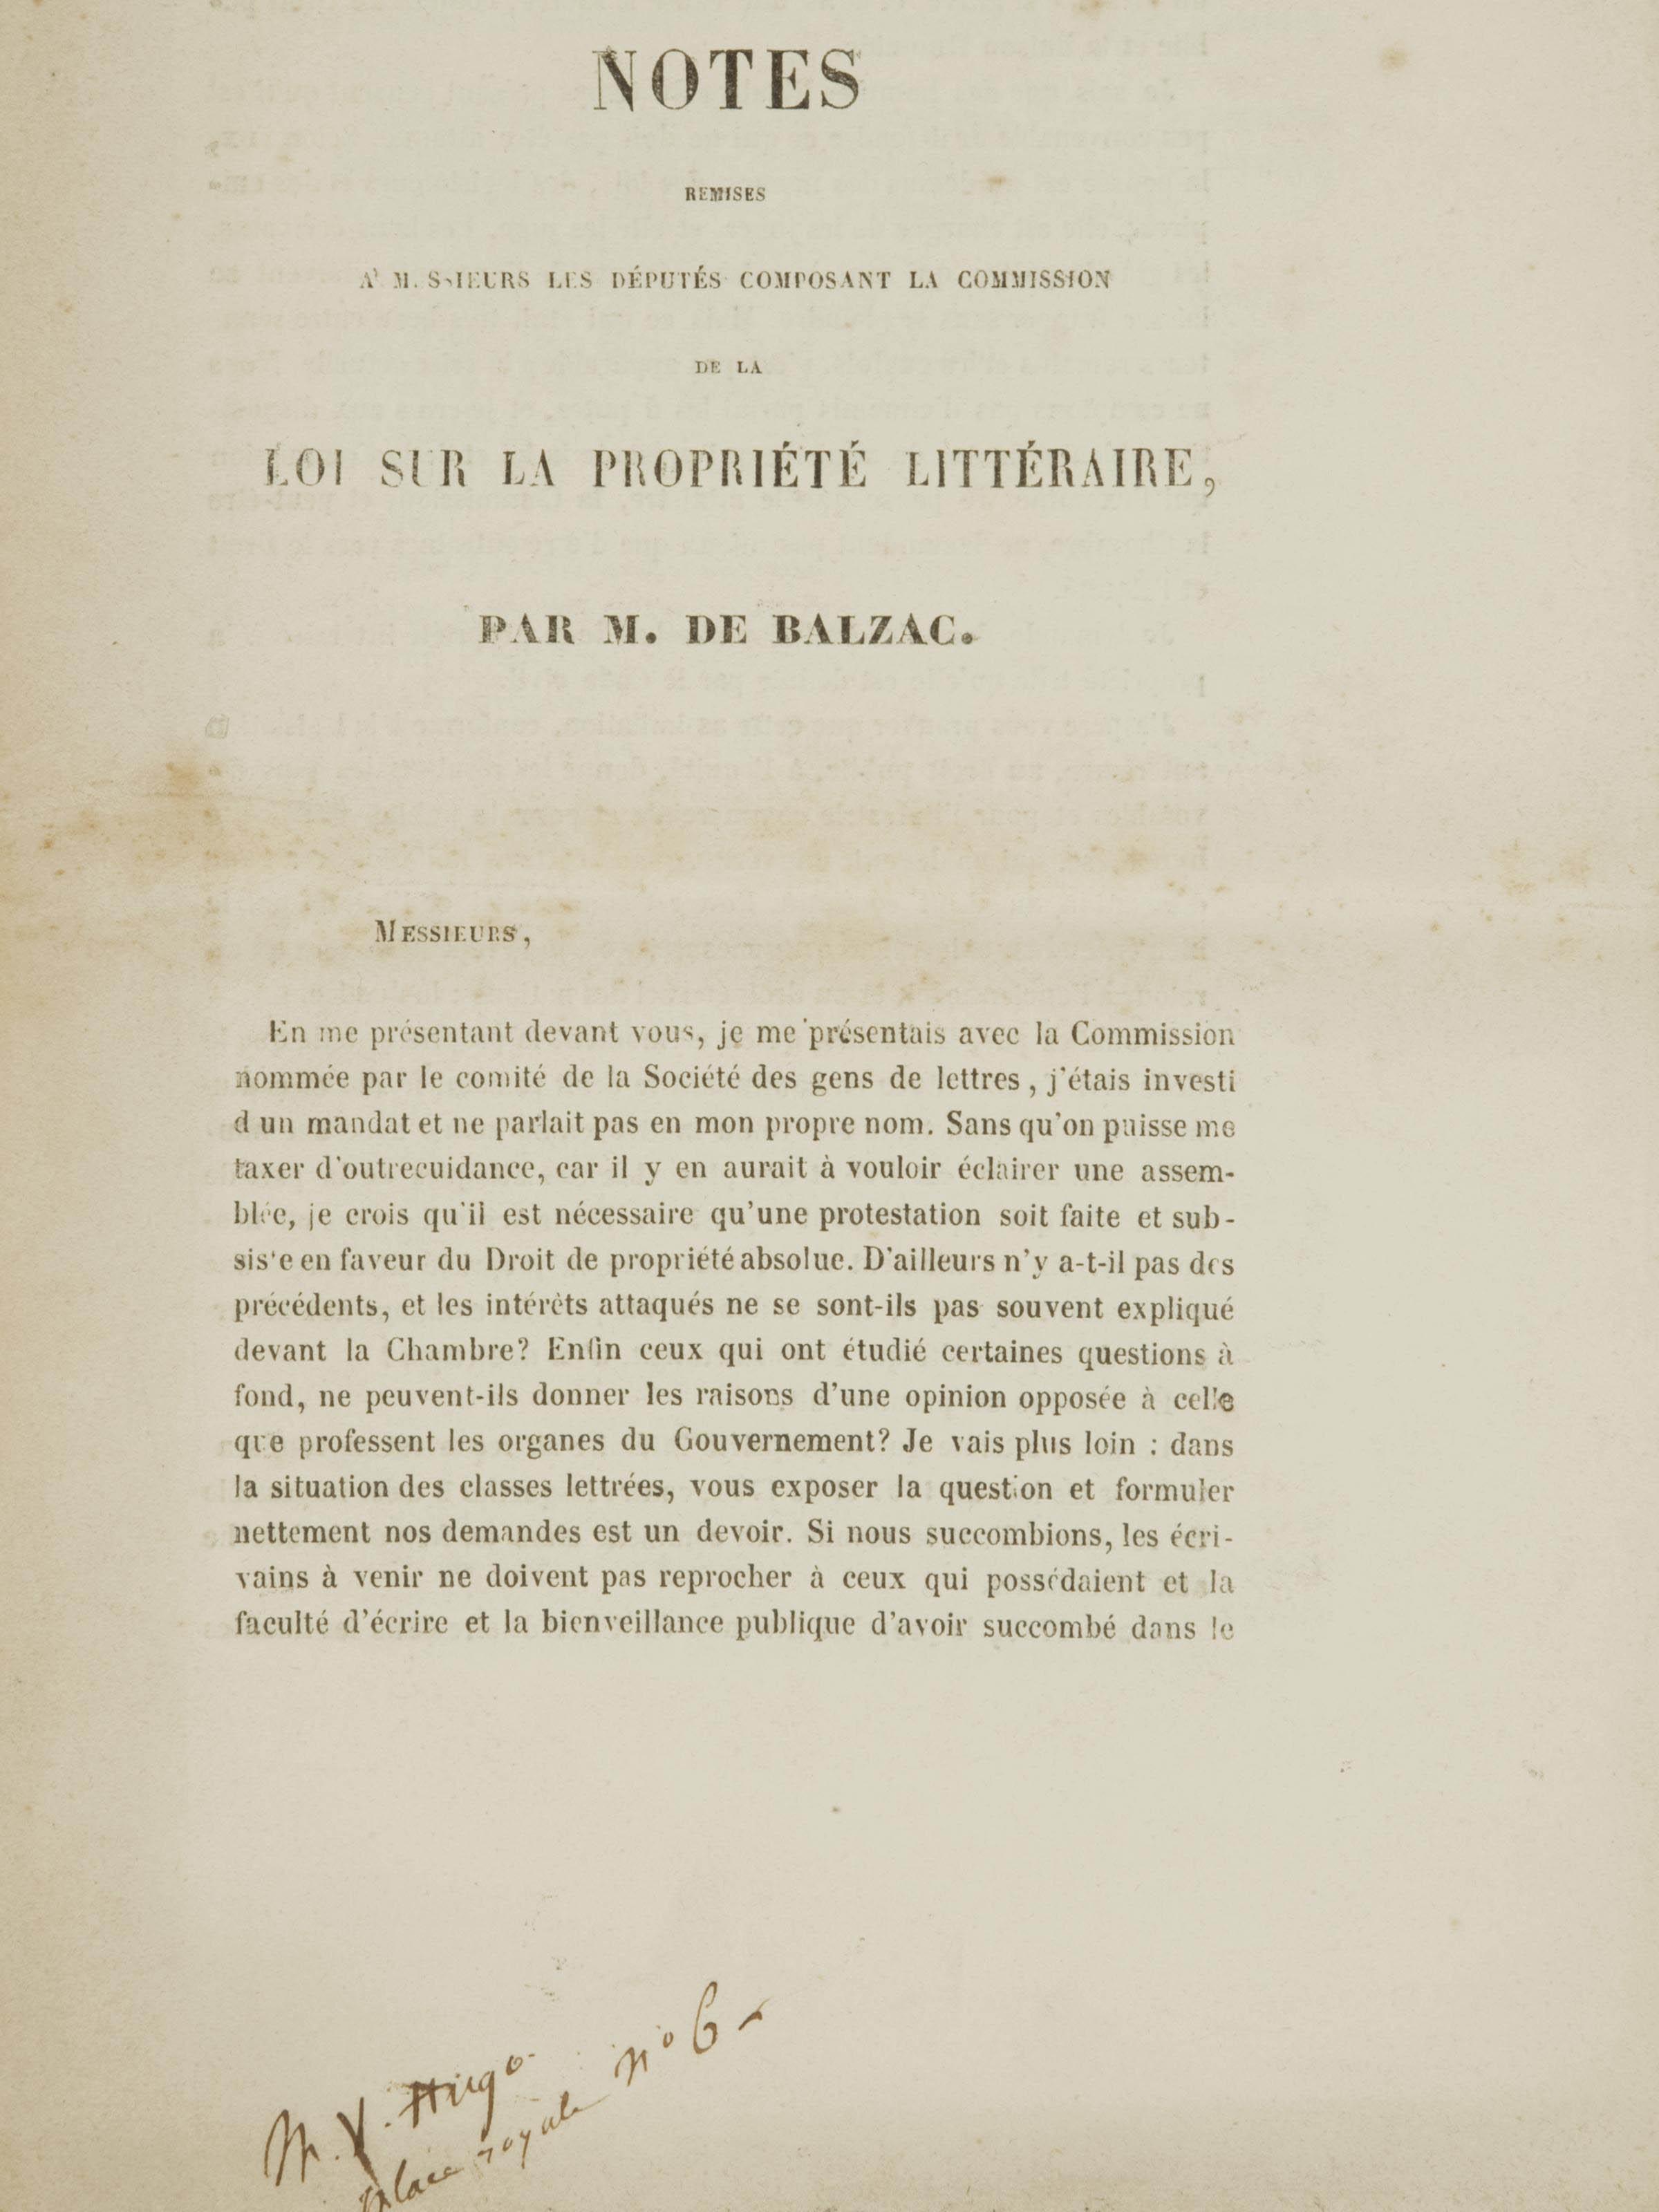 HONORÉ DE BALZAC (1799-1850). Notes remises à Messieurs les députés composant la commission de la loi sur la propriété littéraire. Paris: mars 1841 [mal daté 3 mars 1840].